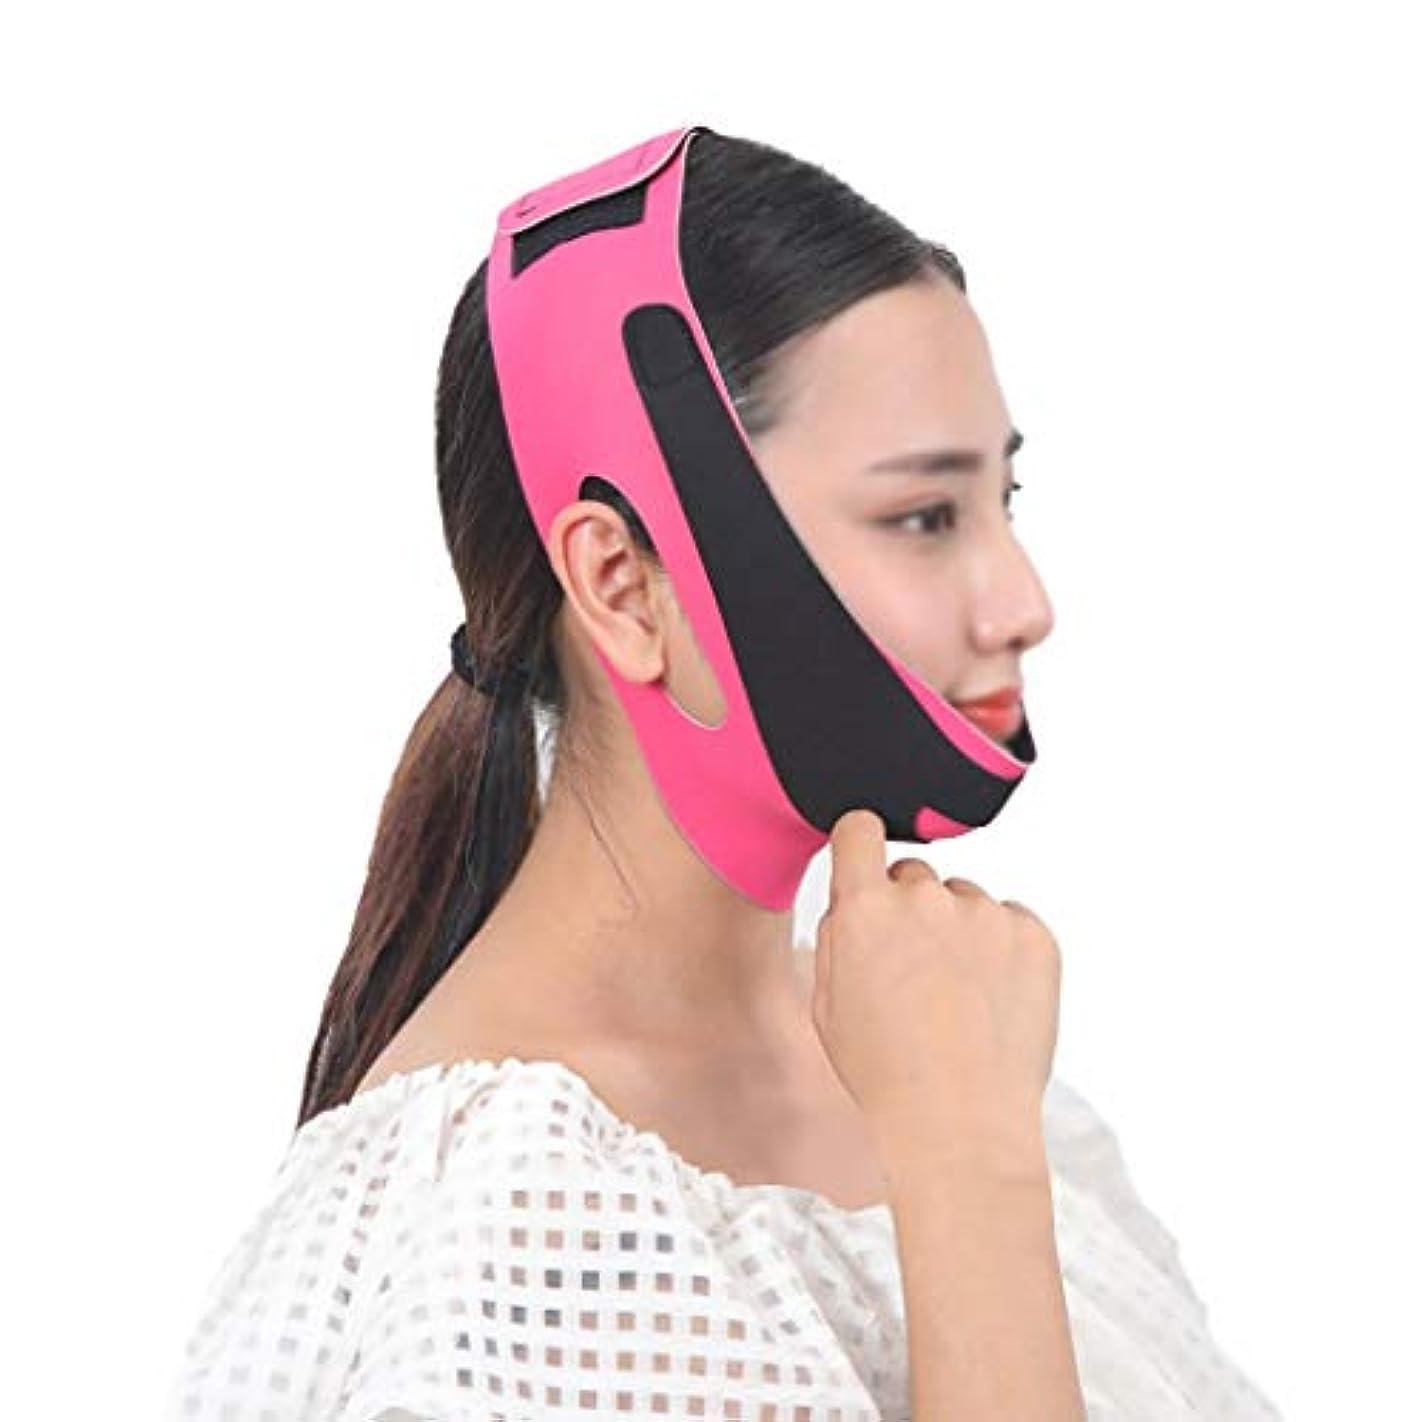 ファーム小麦粉サーバ顔と首リフト術後弾性フェイスマスク小さなV顔アーティファクト薄い顔包帯アーティファクトV顔吊り耳リフティング引き締まった薄い顔アーティファクト